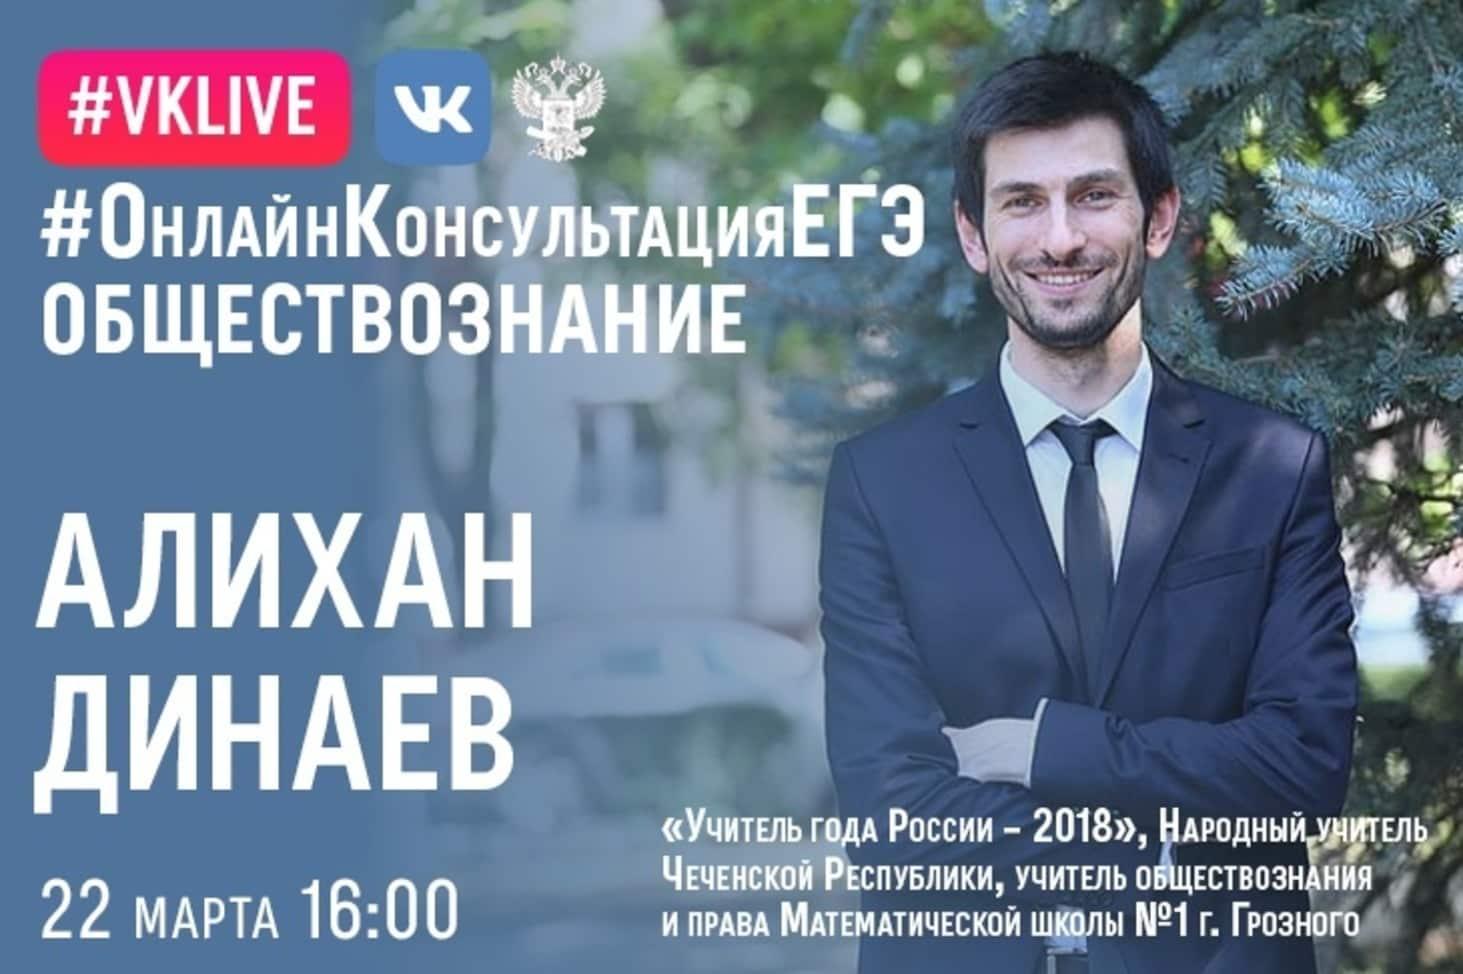 uchitel-goda-2018-alihan-dinaev-provedet-konsultatsiyu-po-podgotovke-k-ege-po-obshhestvoznaniyu